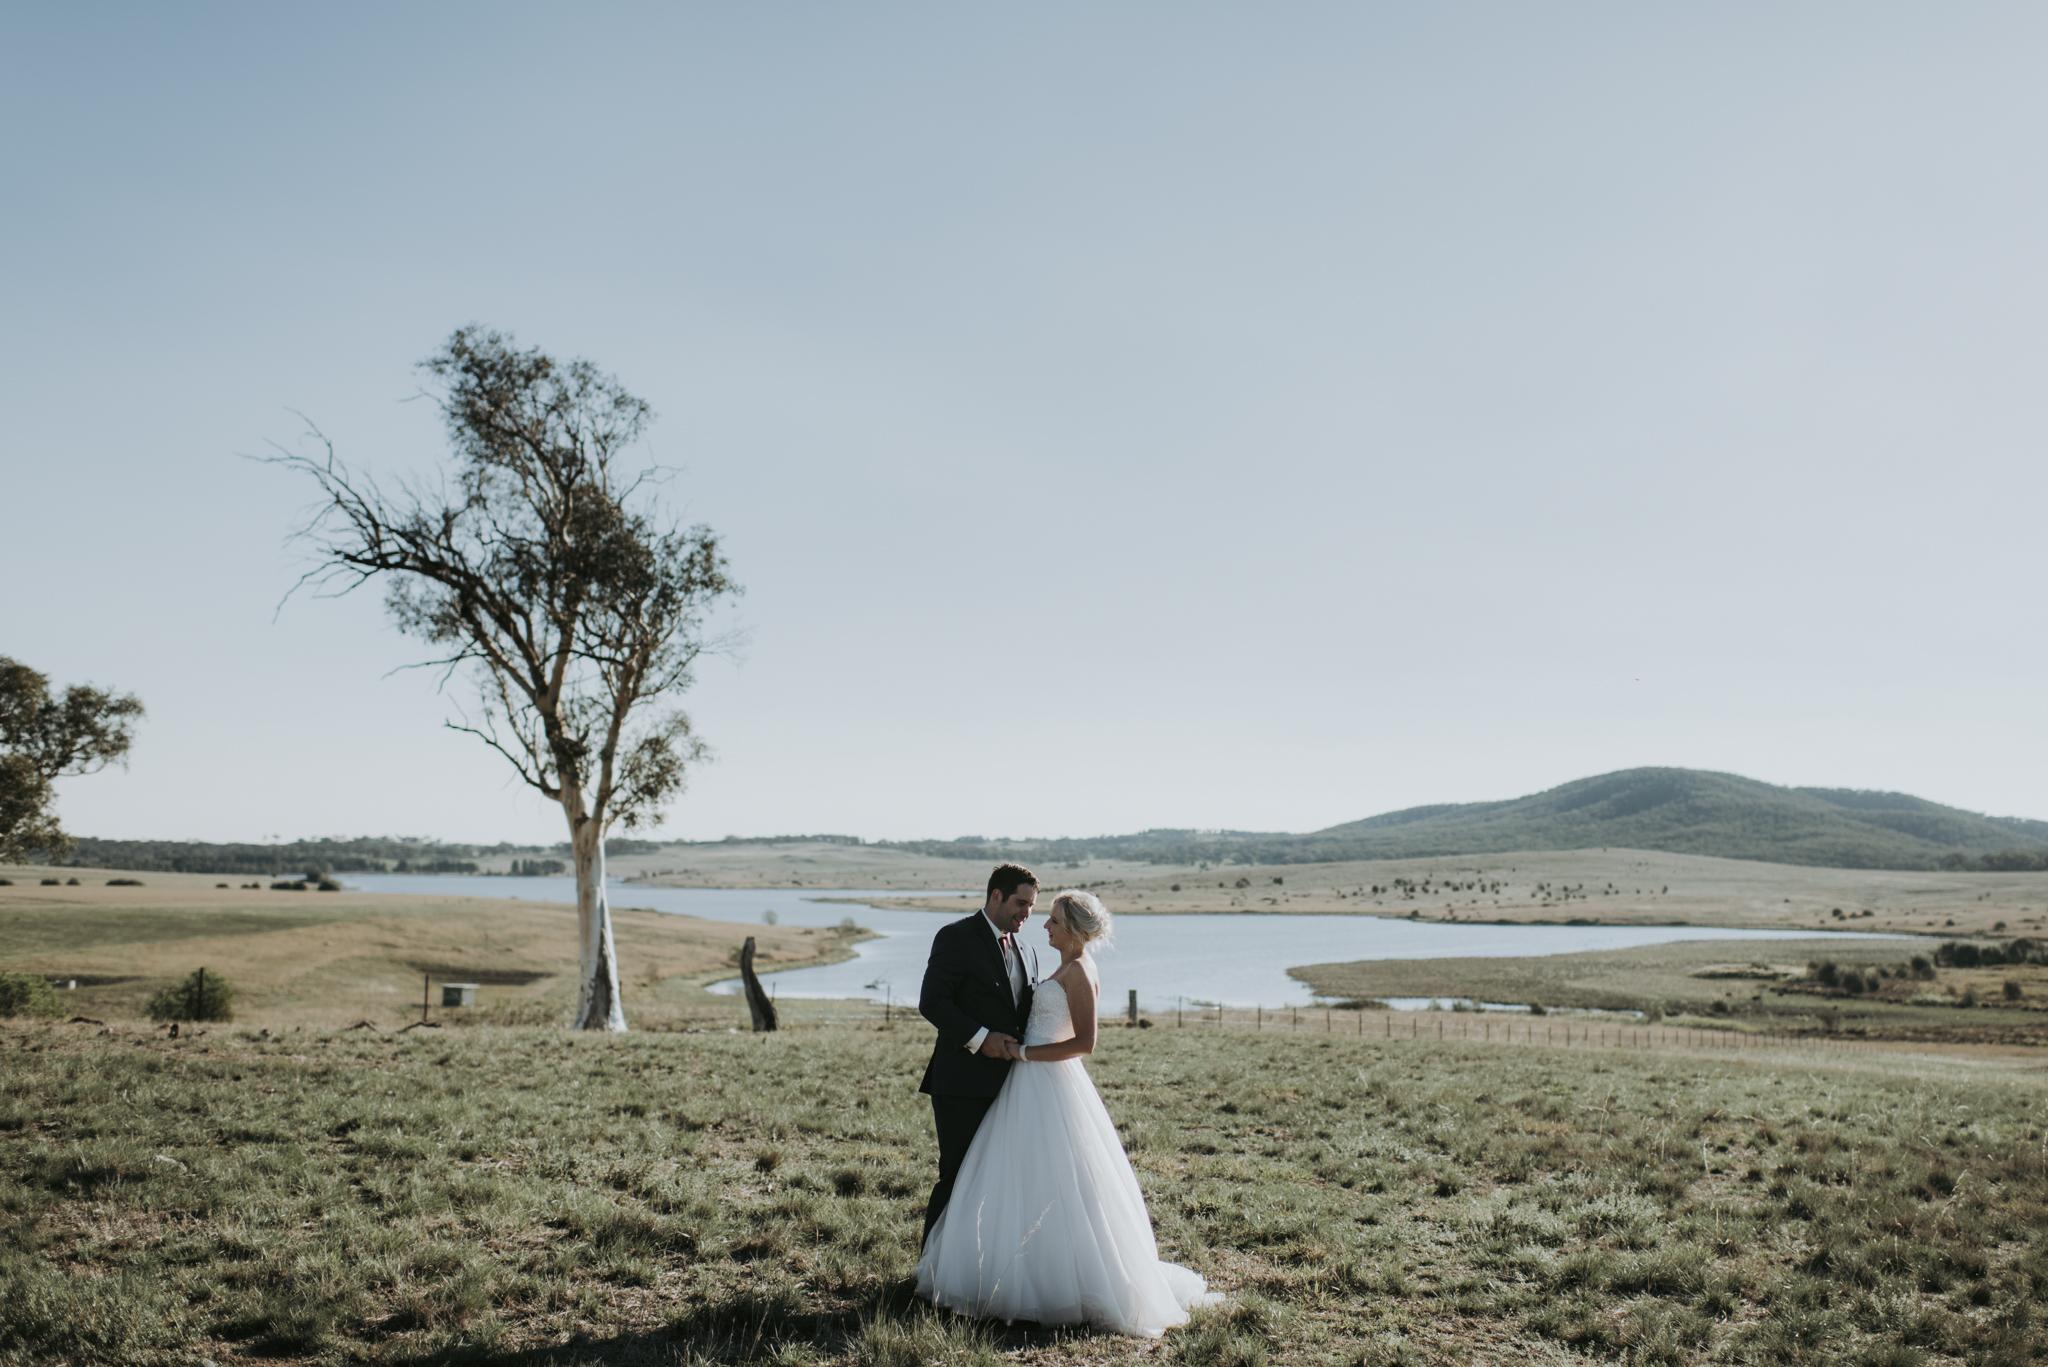 | L + D MARRIED |GOULBURN - MAR 2018